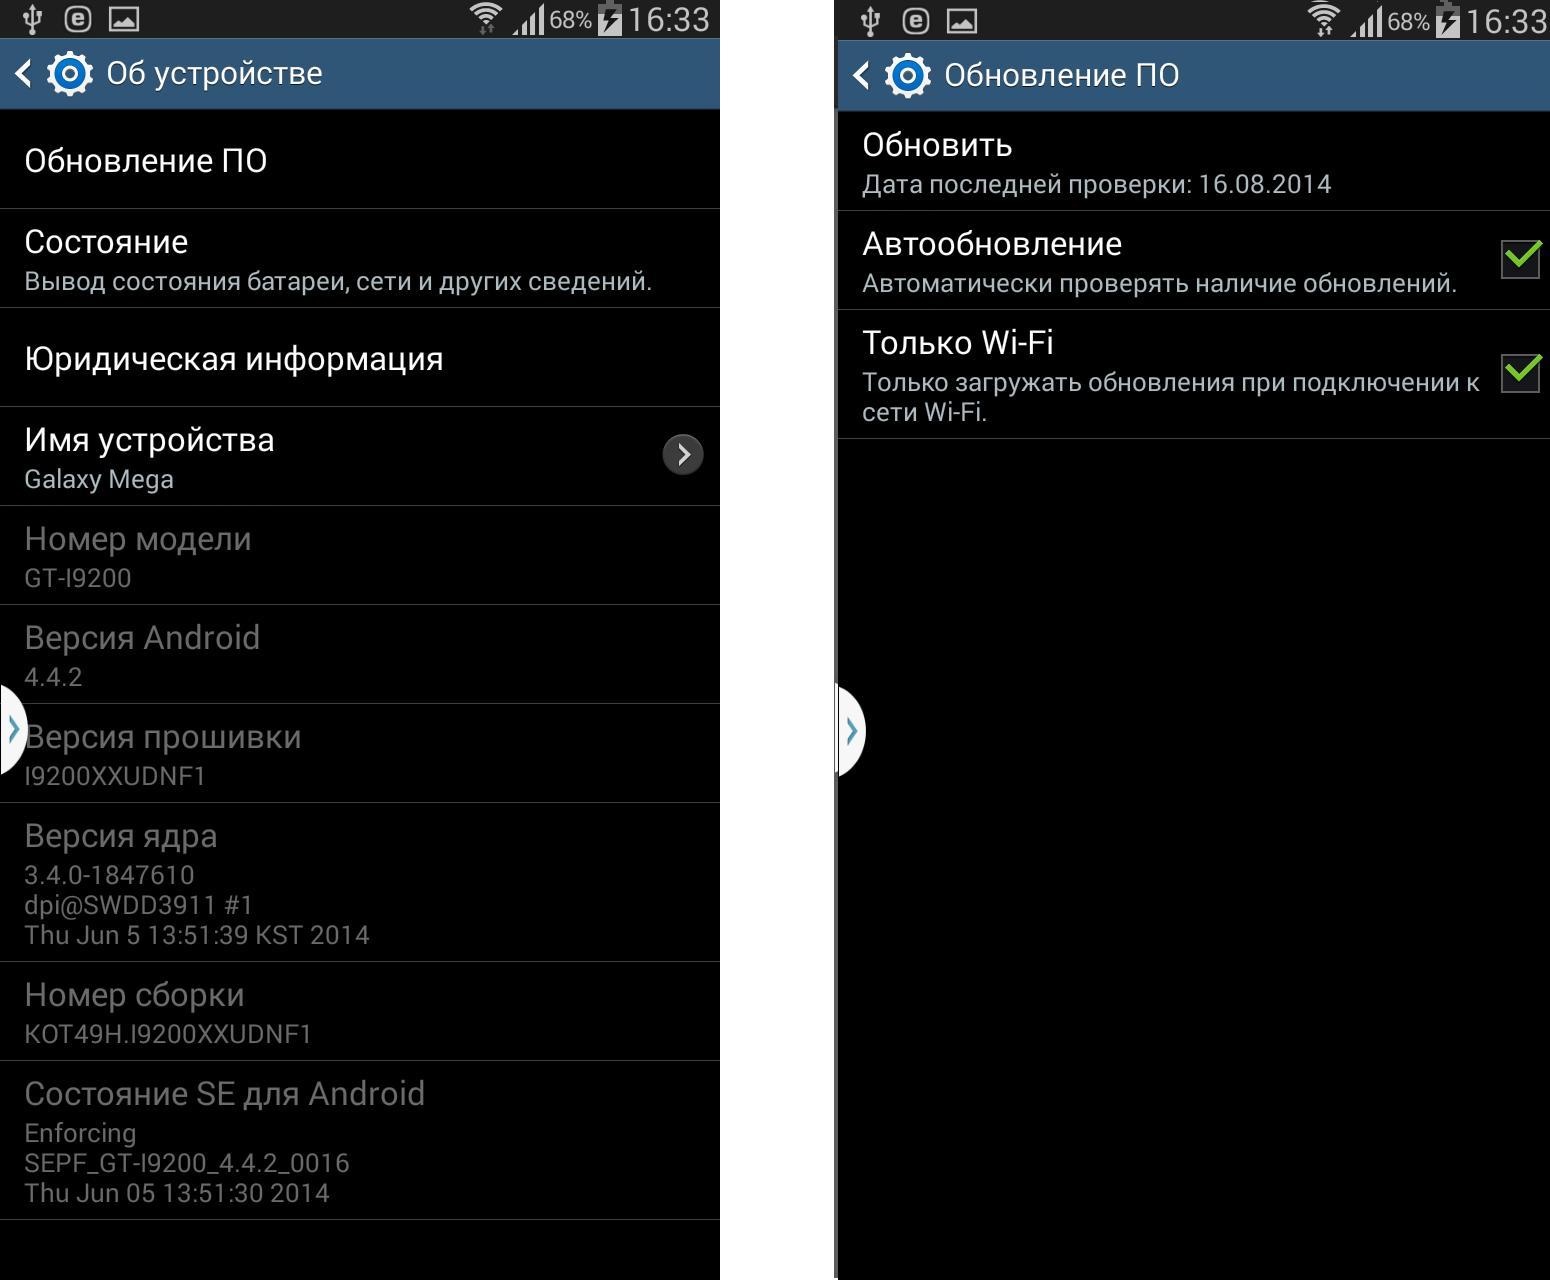 Приложение доступно для ос android и ios, при этом синхронизировать можно устройства на разных платформах, так что iphone с его помощью может поучаствовать в хоре «роботов».